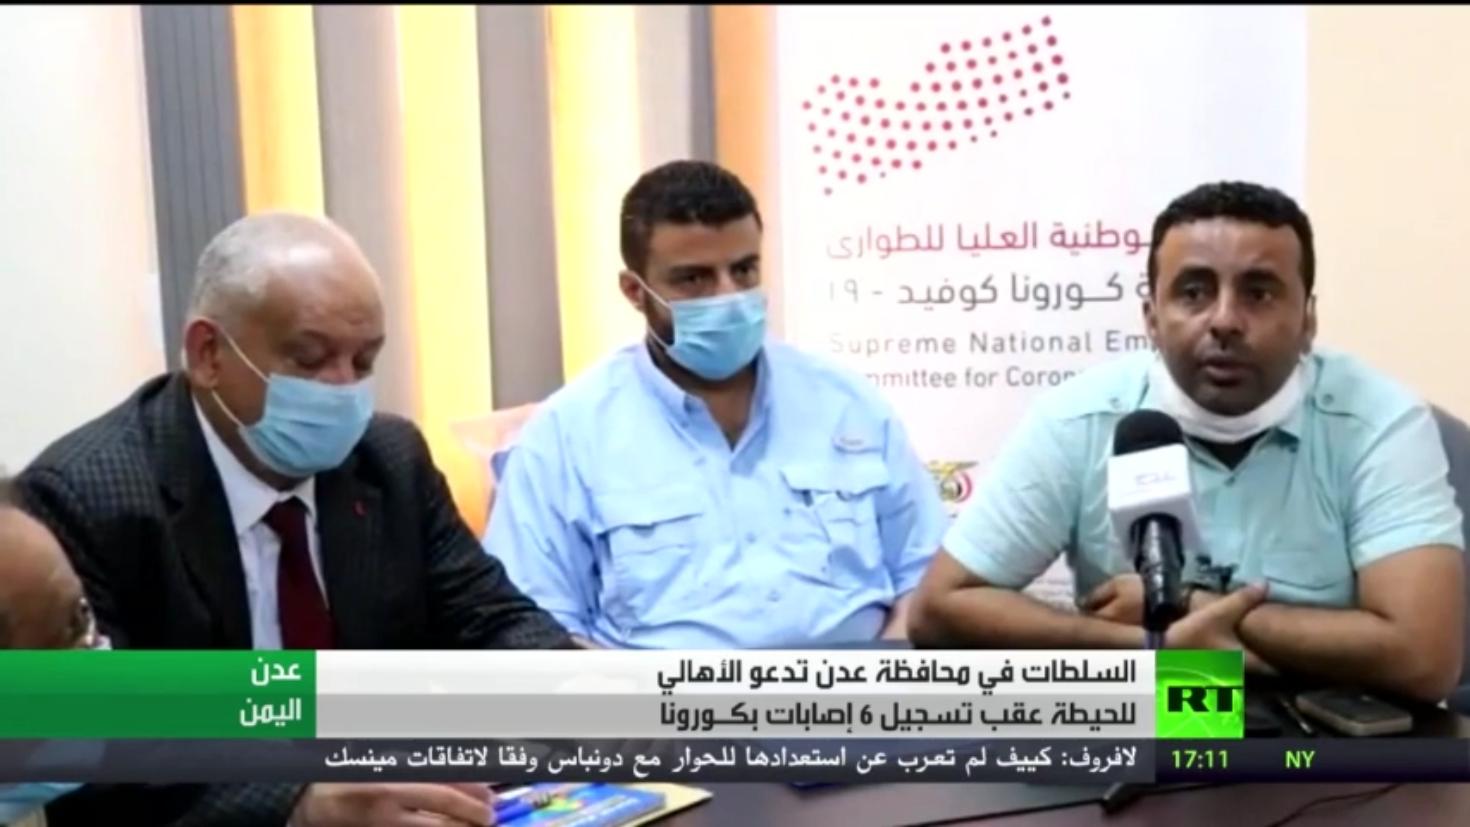 سلطات عدن تدعو الأهالي لالتزام الوقاية